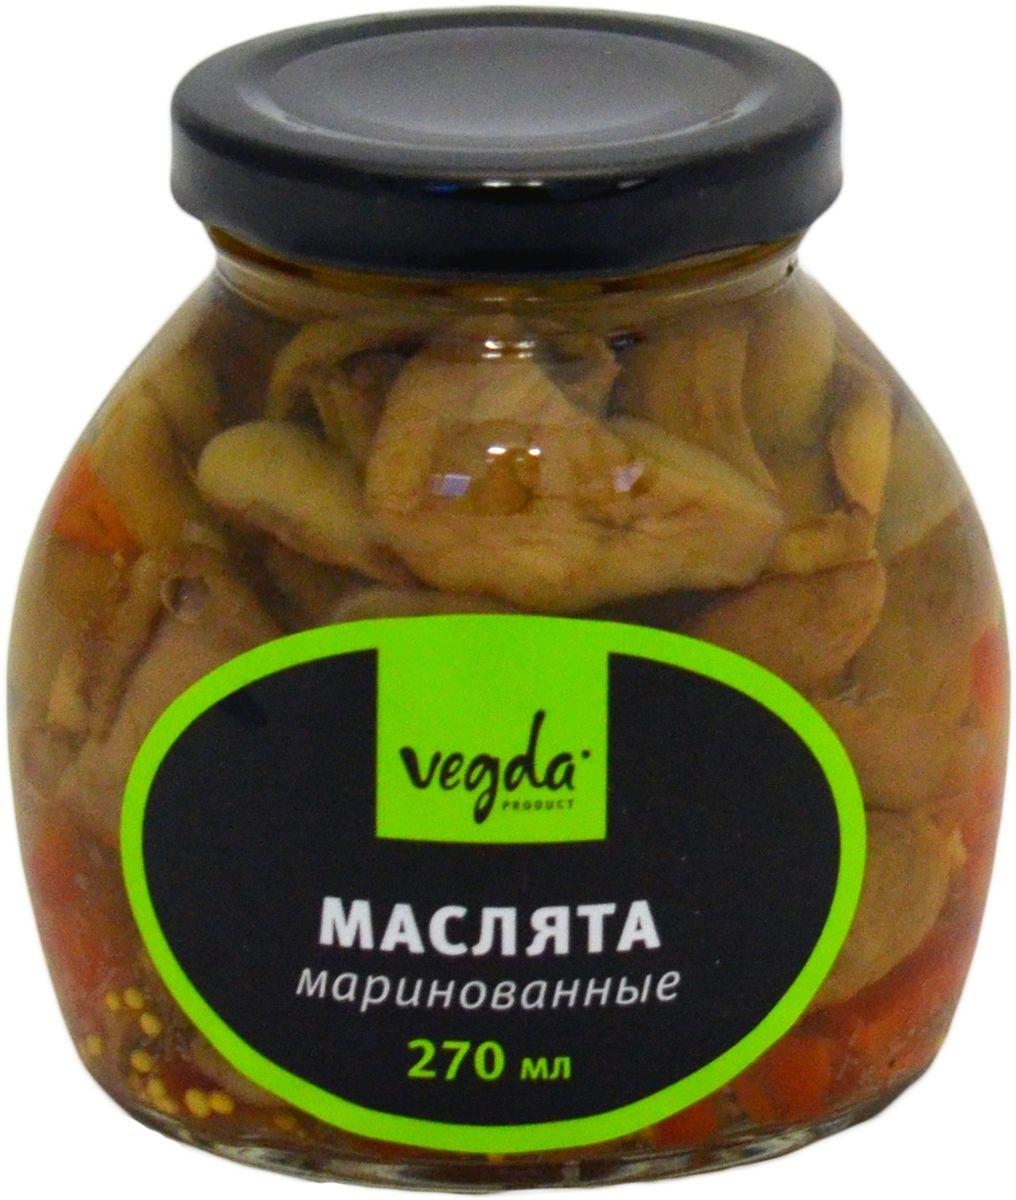 Vegda маслята маринованные, 270 мл4607045600392Продукт изготовлен из высококачественных ингредиентов, по современным технологиям.